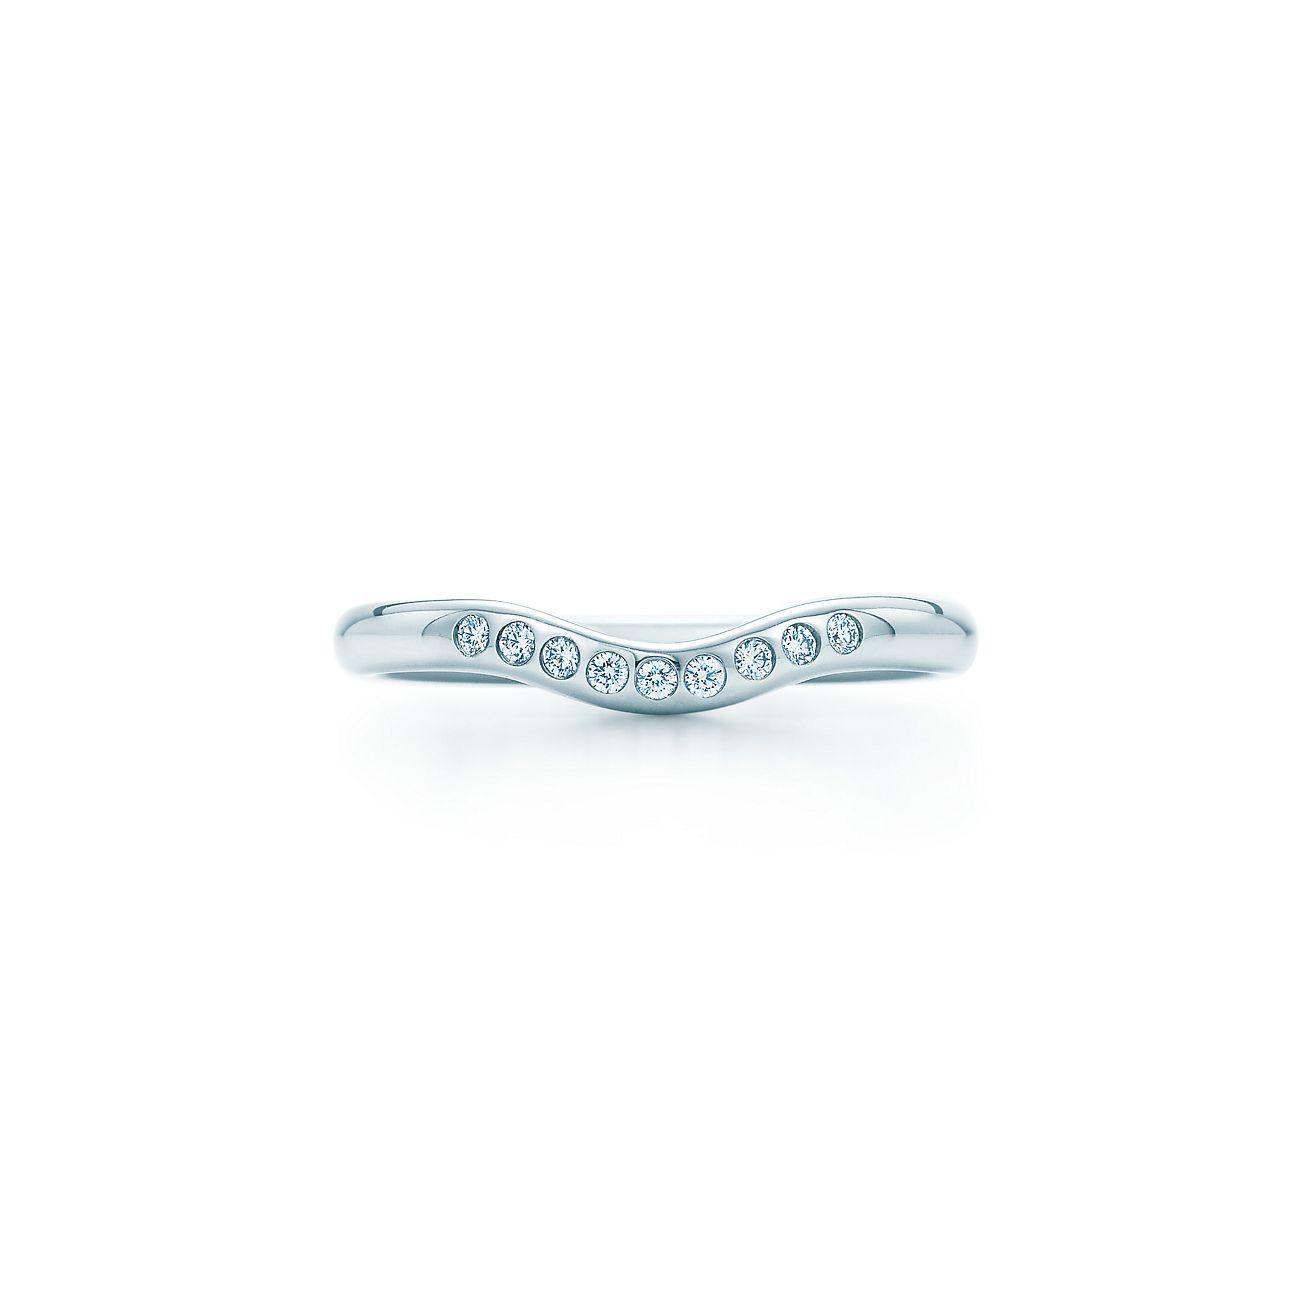 elsa peretti wedding band ring - Tiffany Wedding Ring